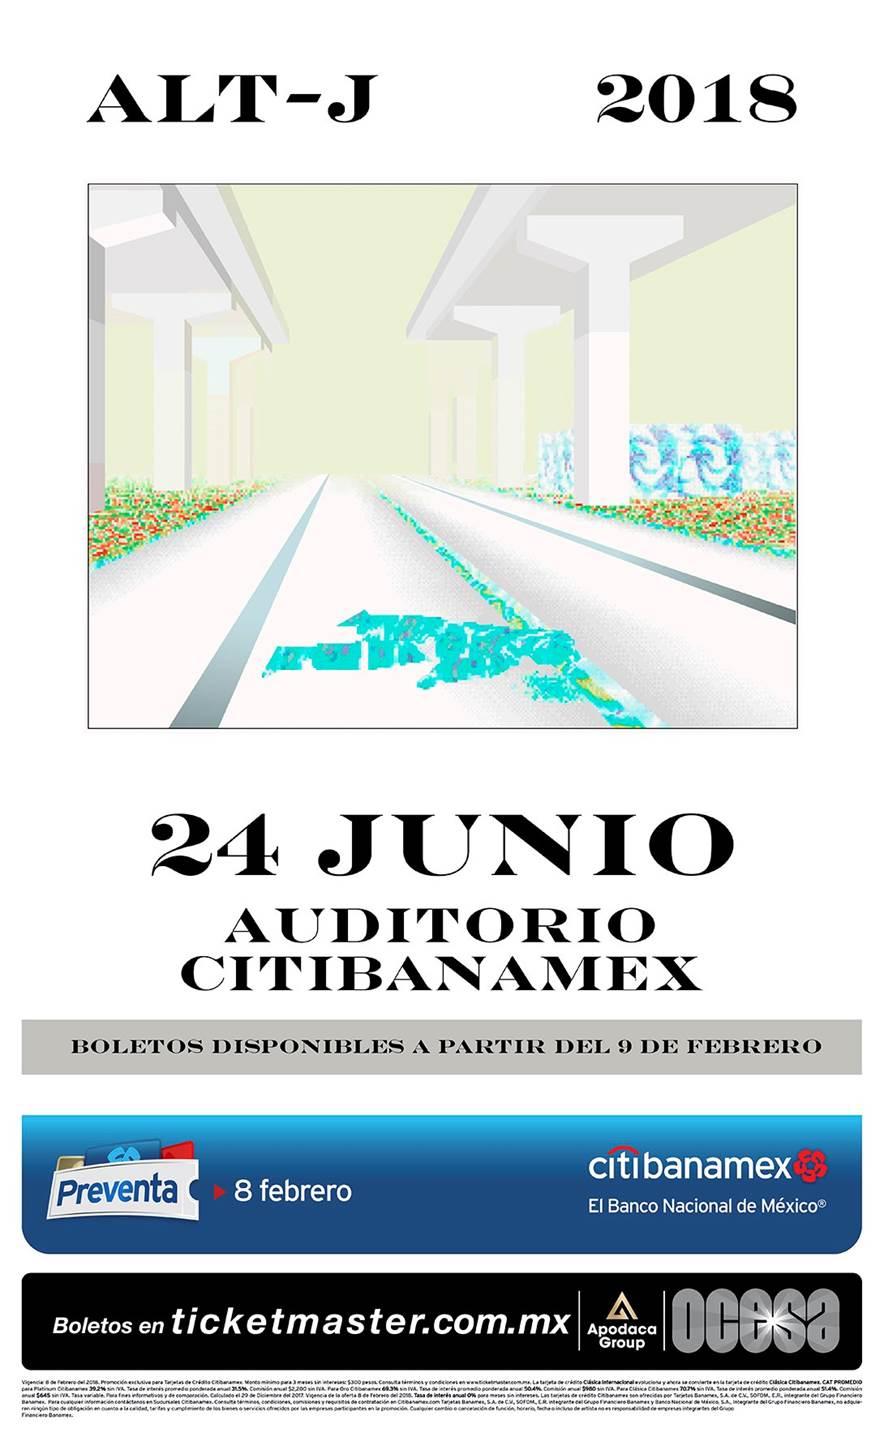 ¡Éntrale cuñao!, que tenemos boletiza para Alt-J en Monterrey